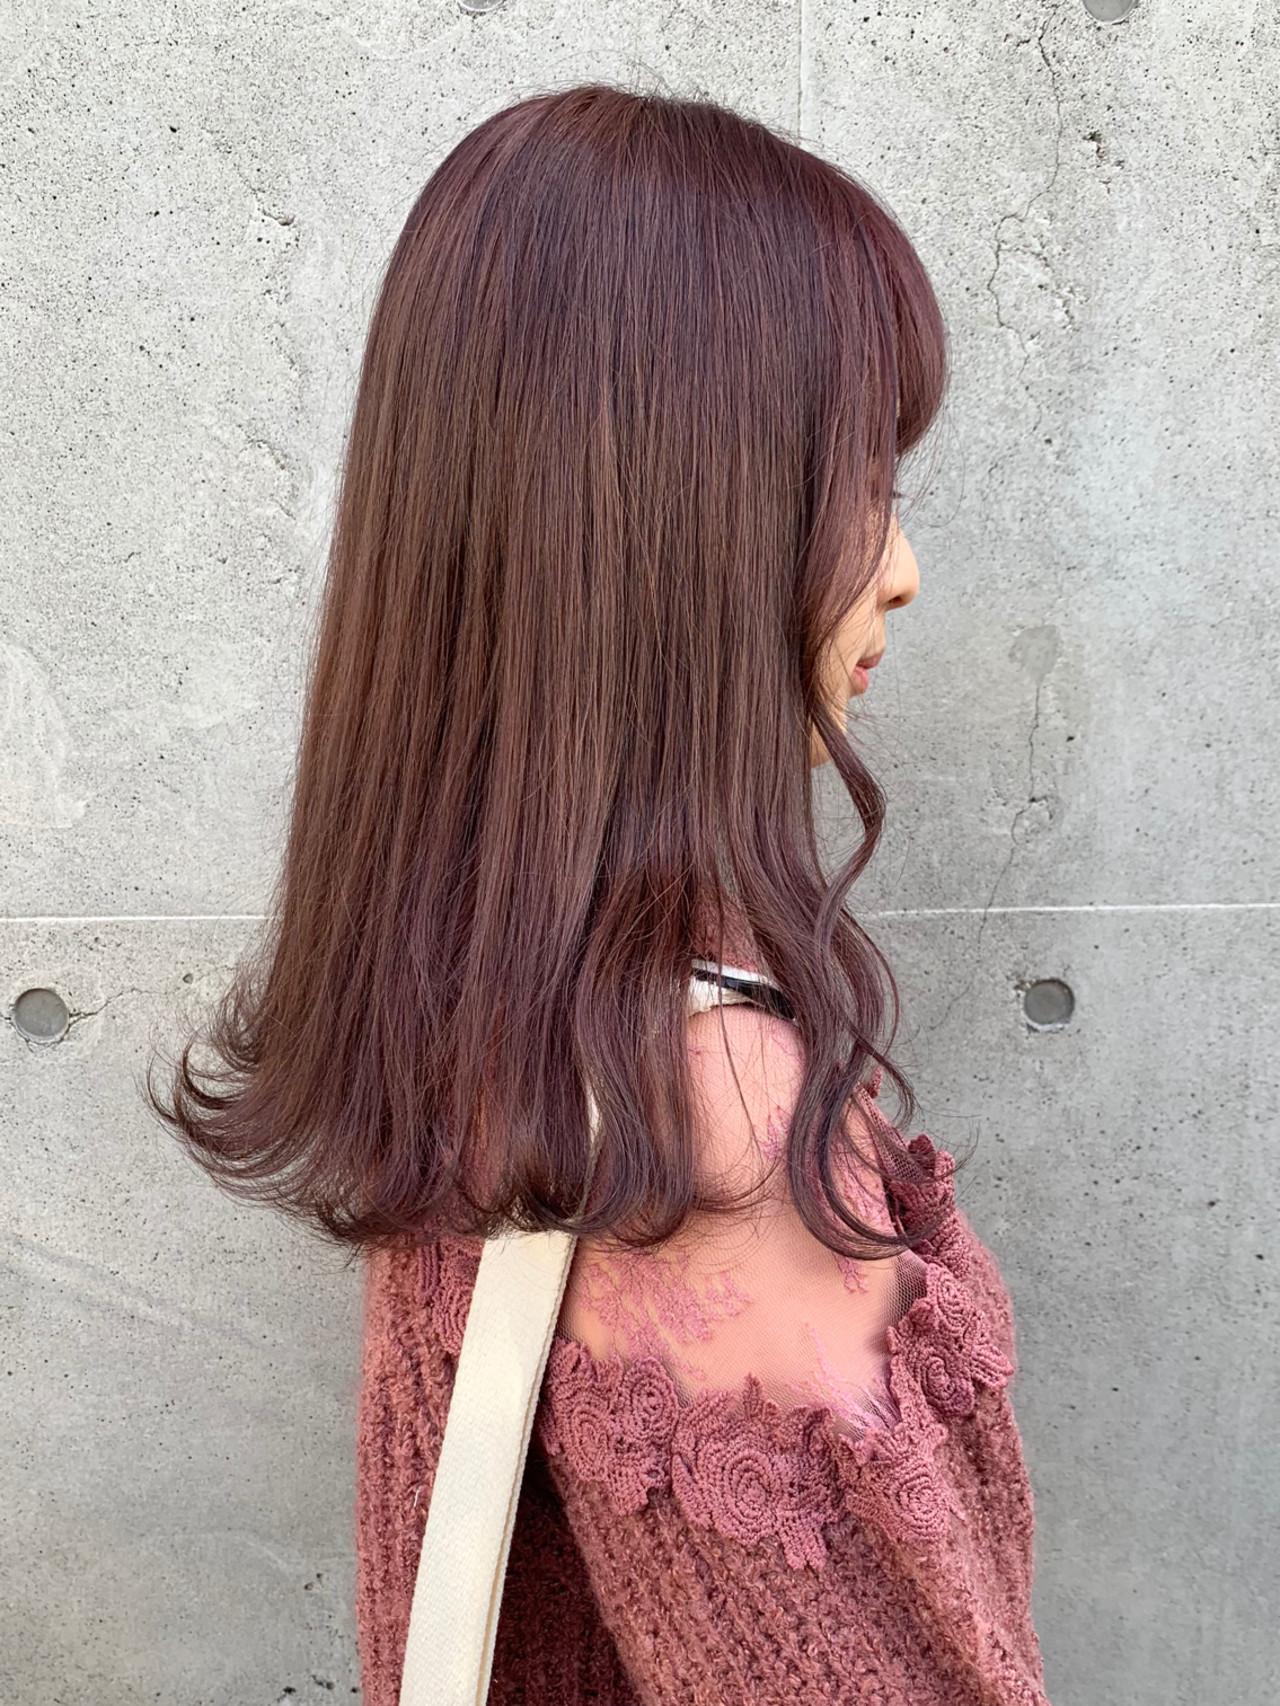 ラベンダーピンク ピンクアッシュ ベージュ ガーリー ヘアスタイルや髪型の写真・画像